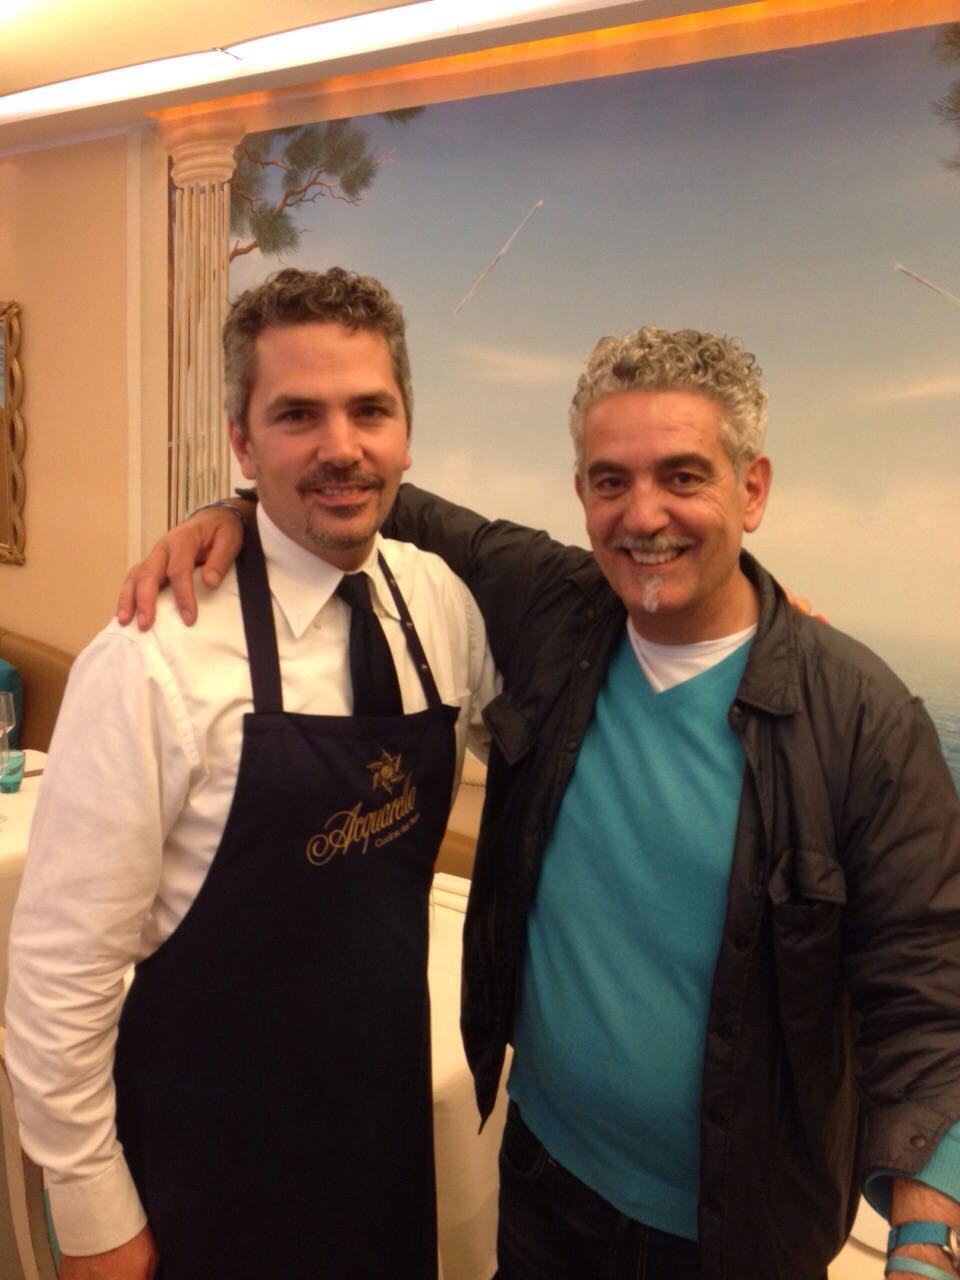 Mario Gamba meets Javier Bonet 9